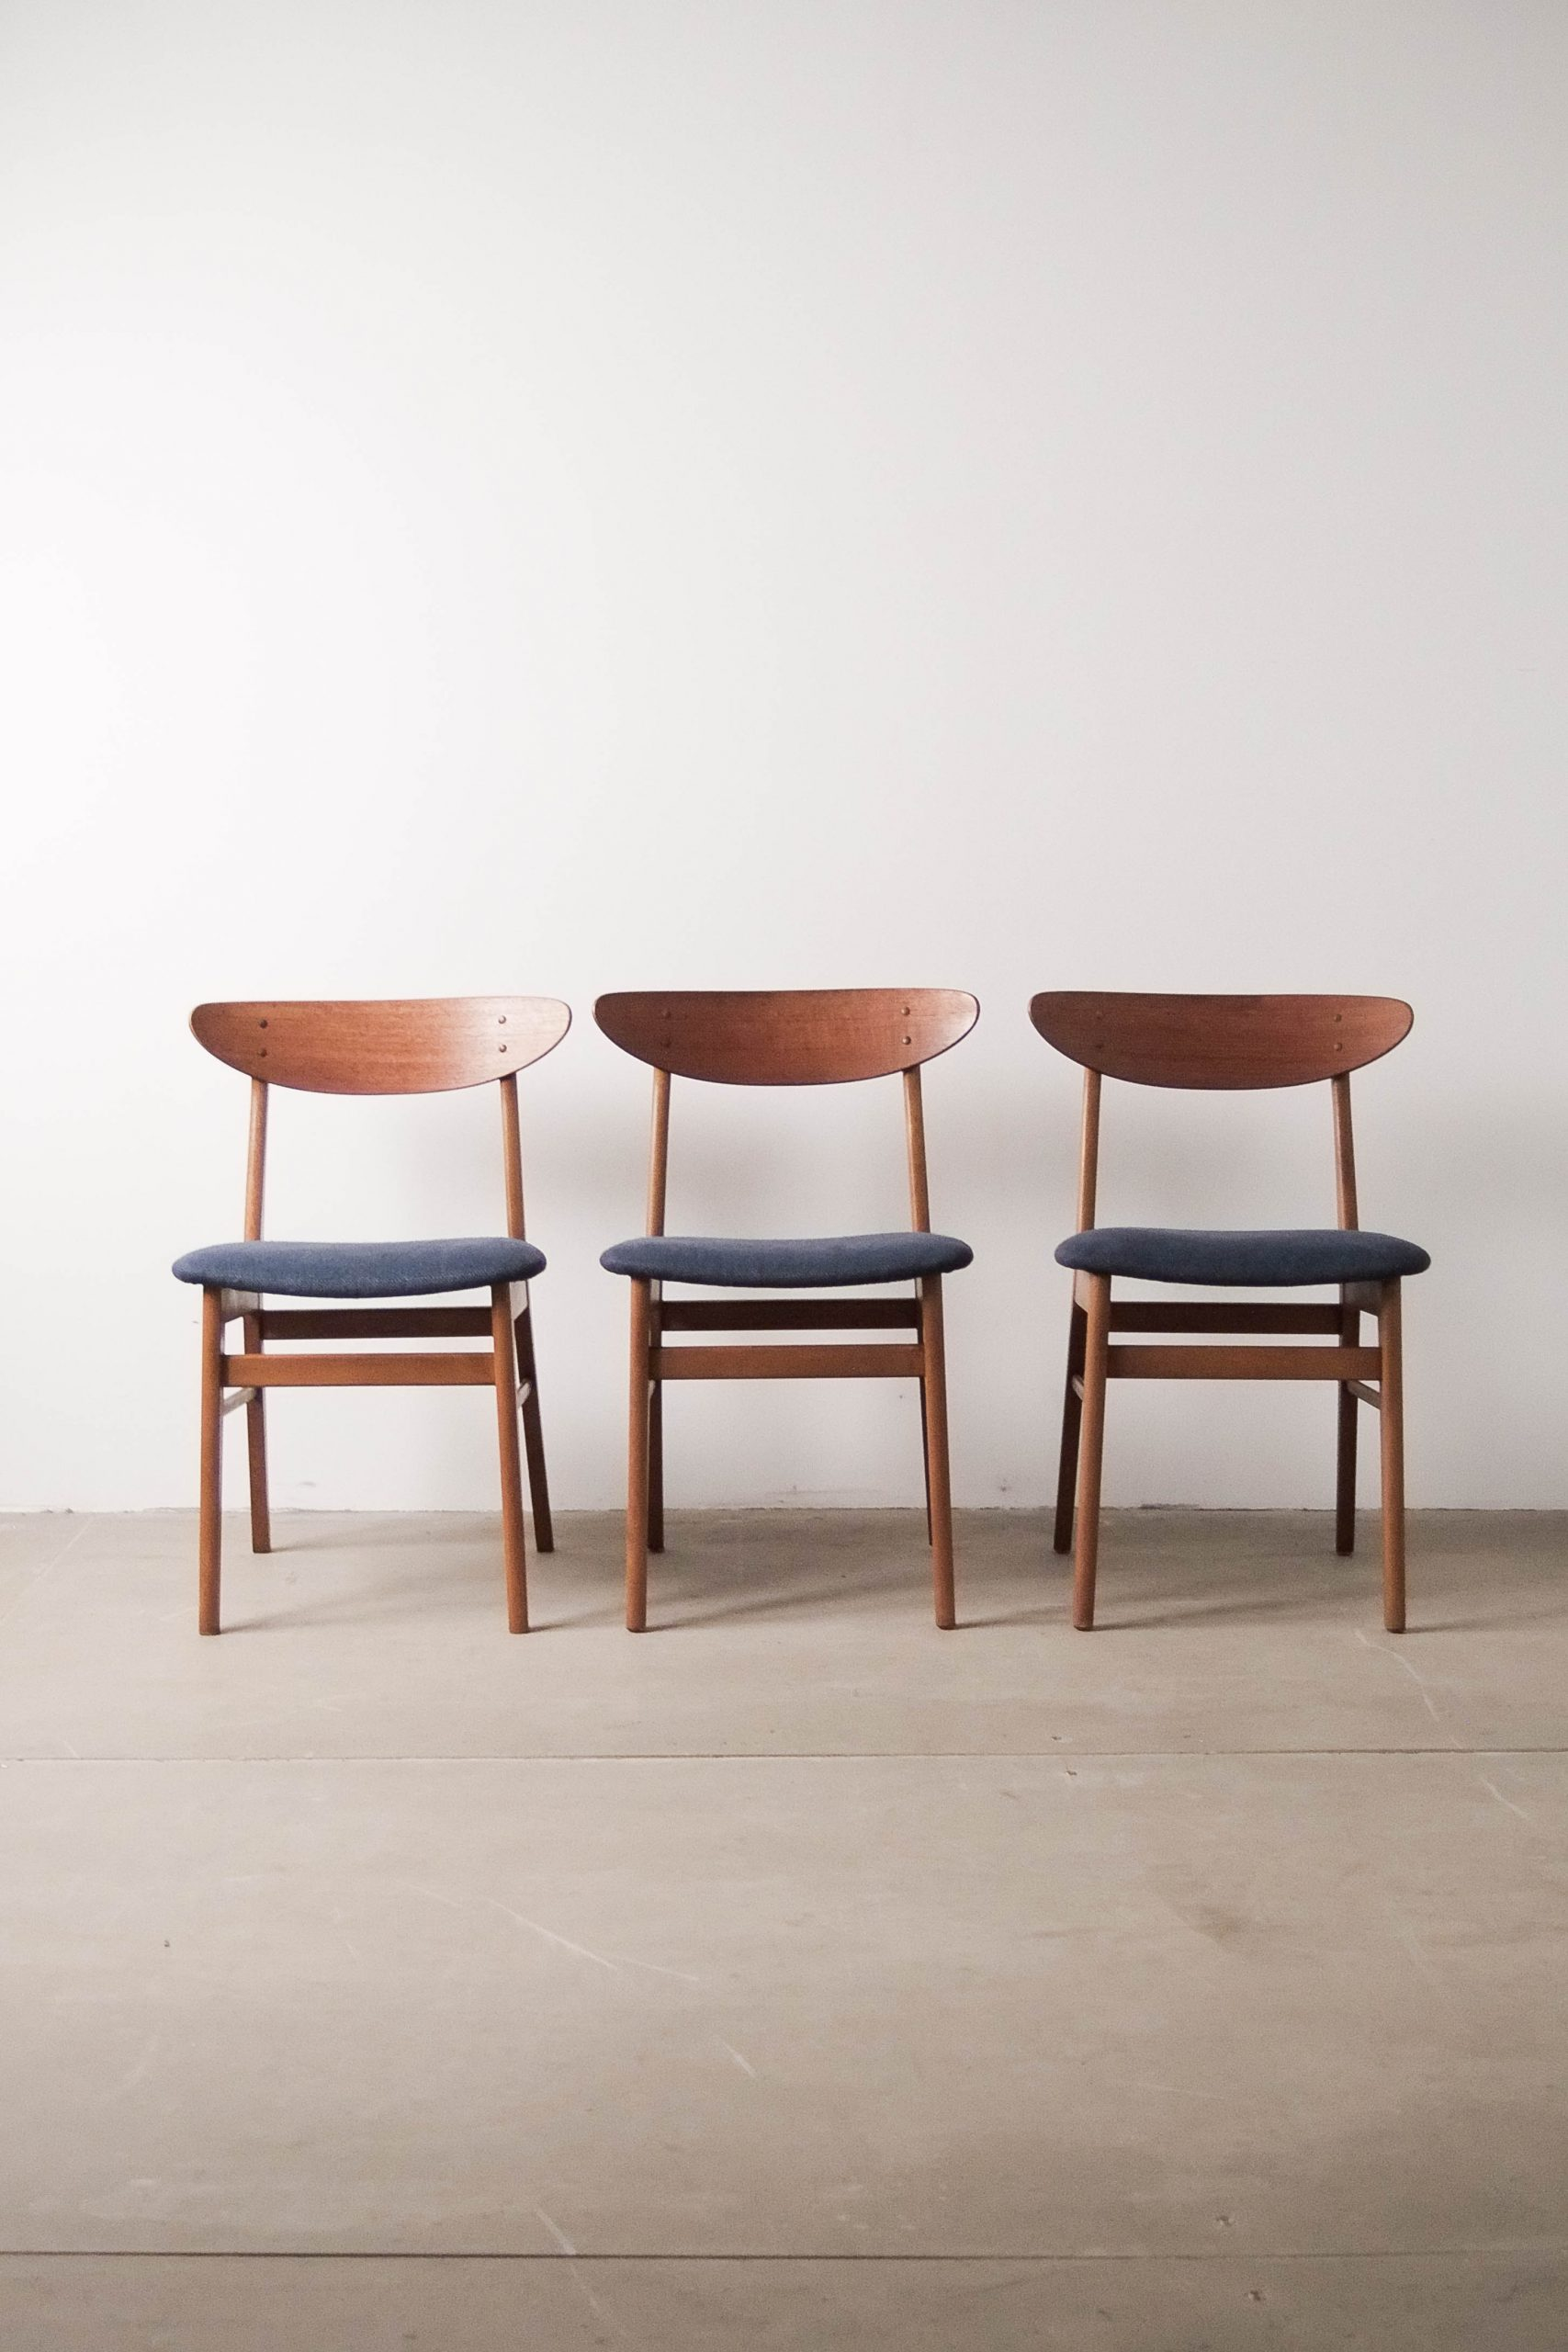 silla diseño trabajo nordica comedor diseño mid century ergonomico